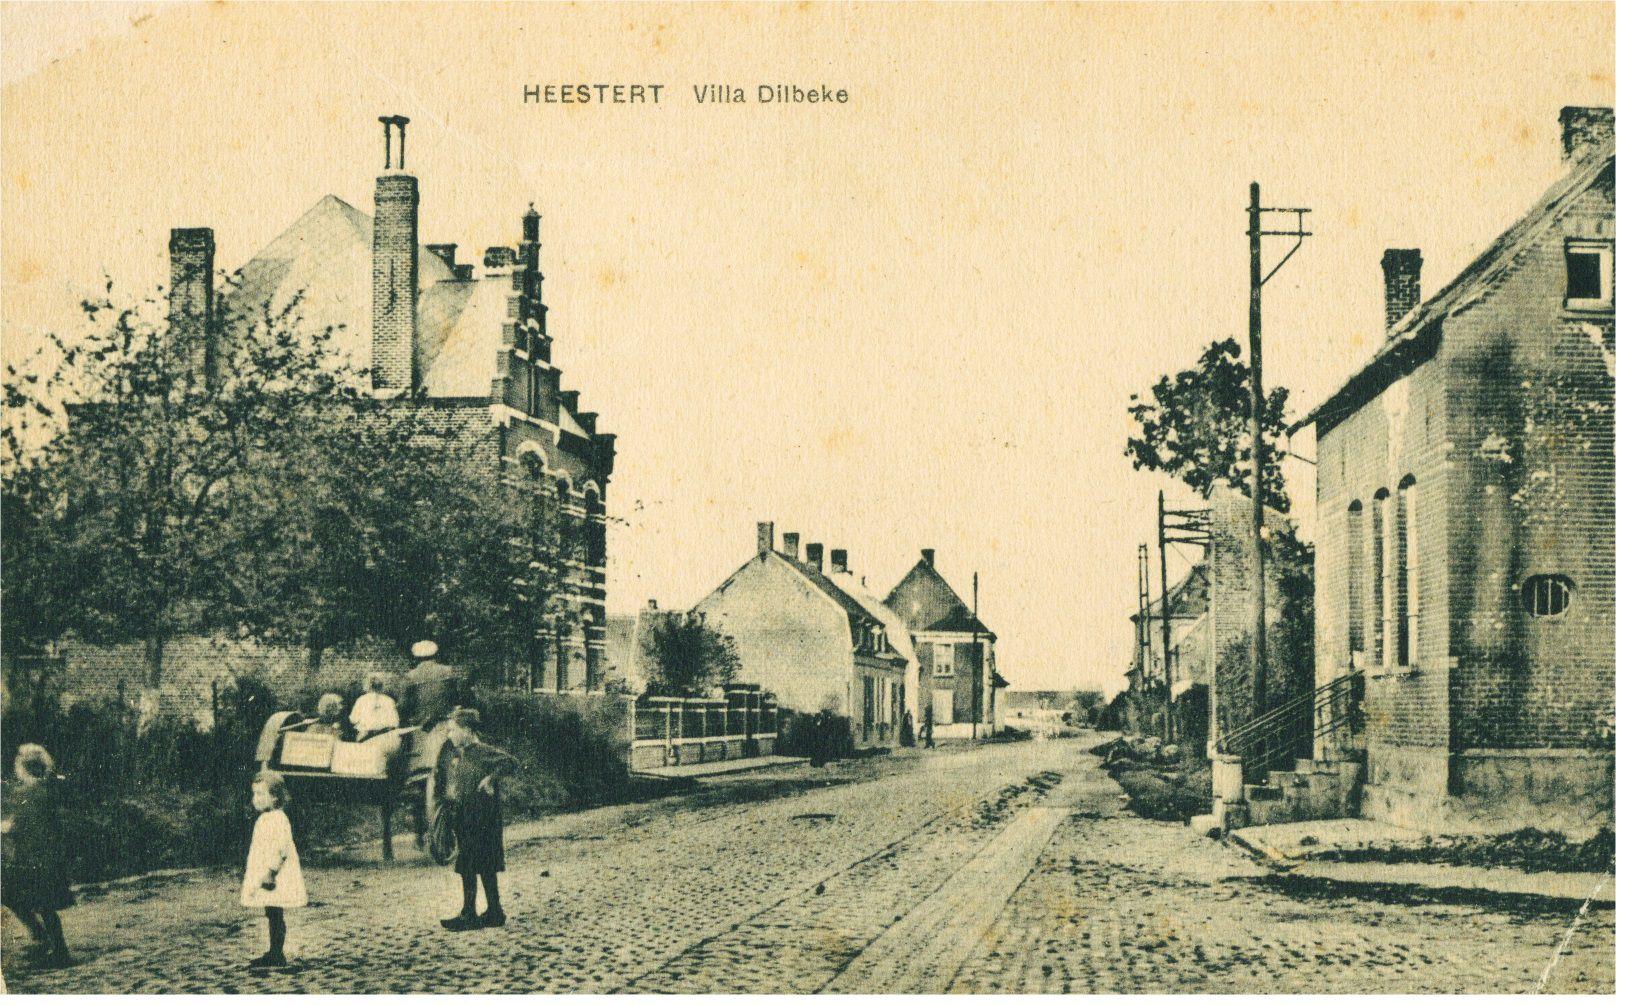 Gauwelstraat in Heestert